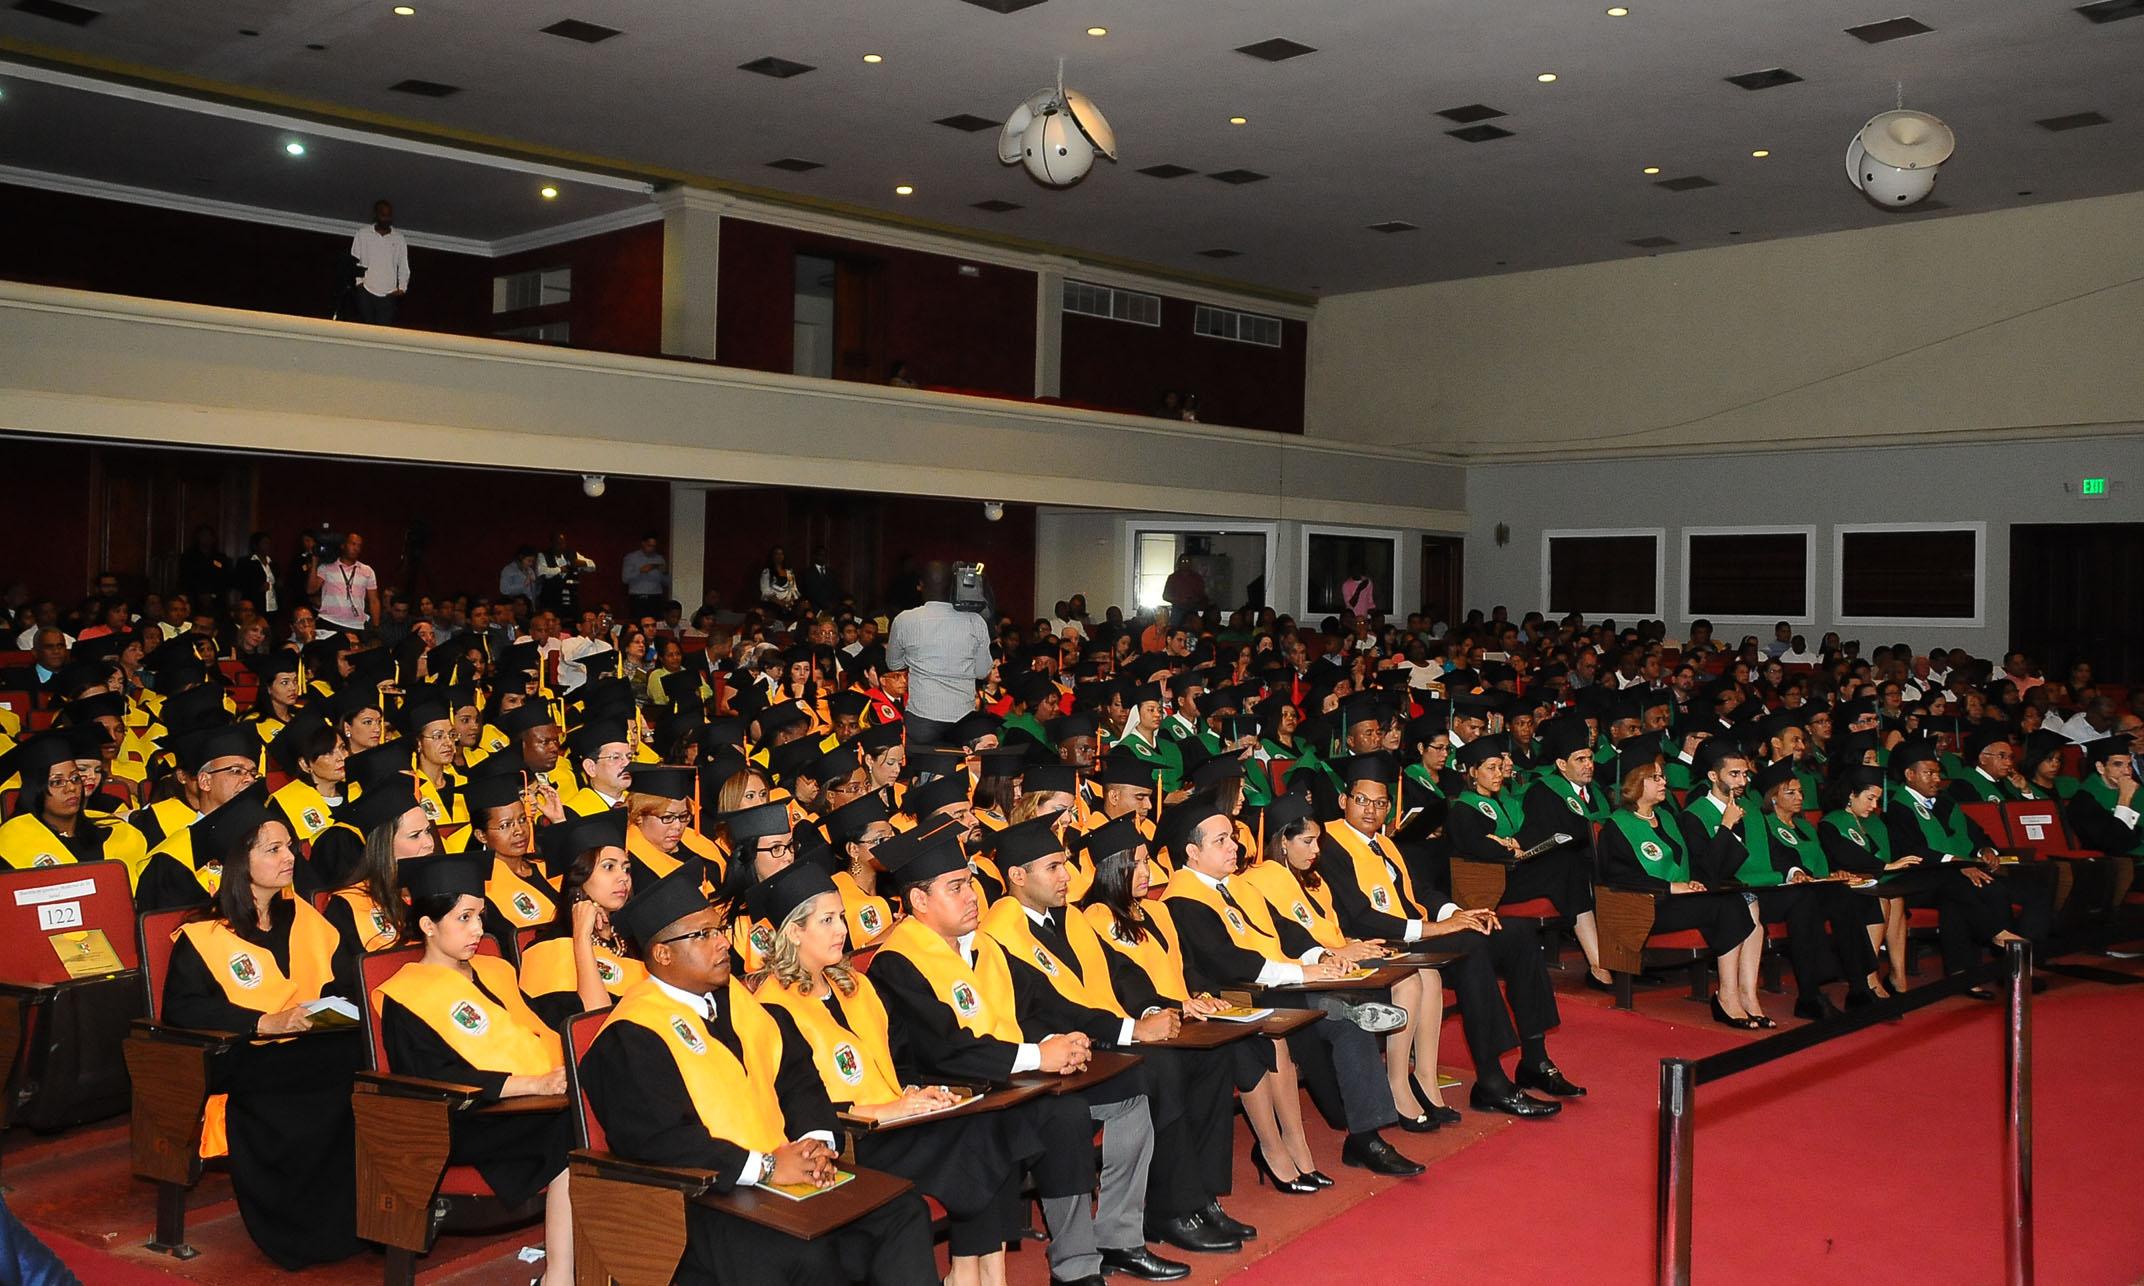 UCSD gradúa a 183 nuevos profesionales de posgrado y maestría